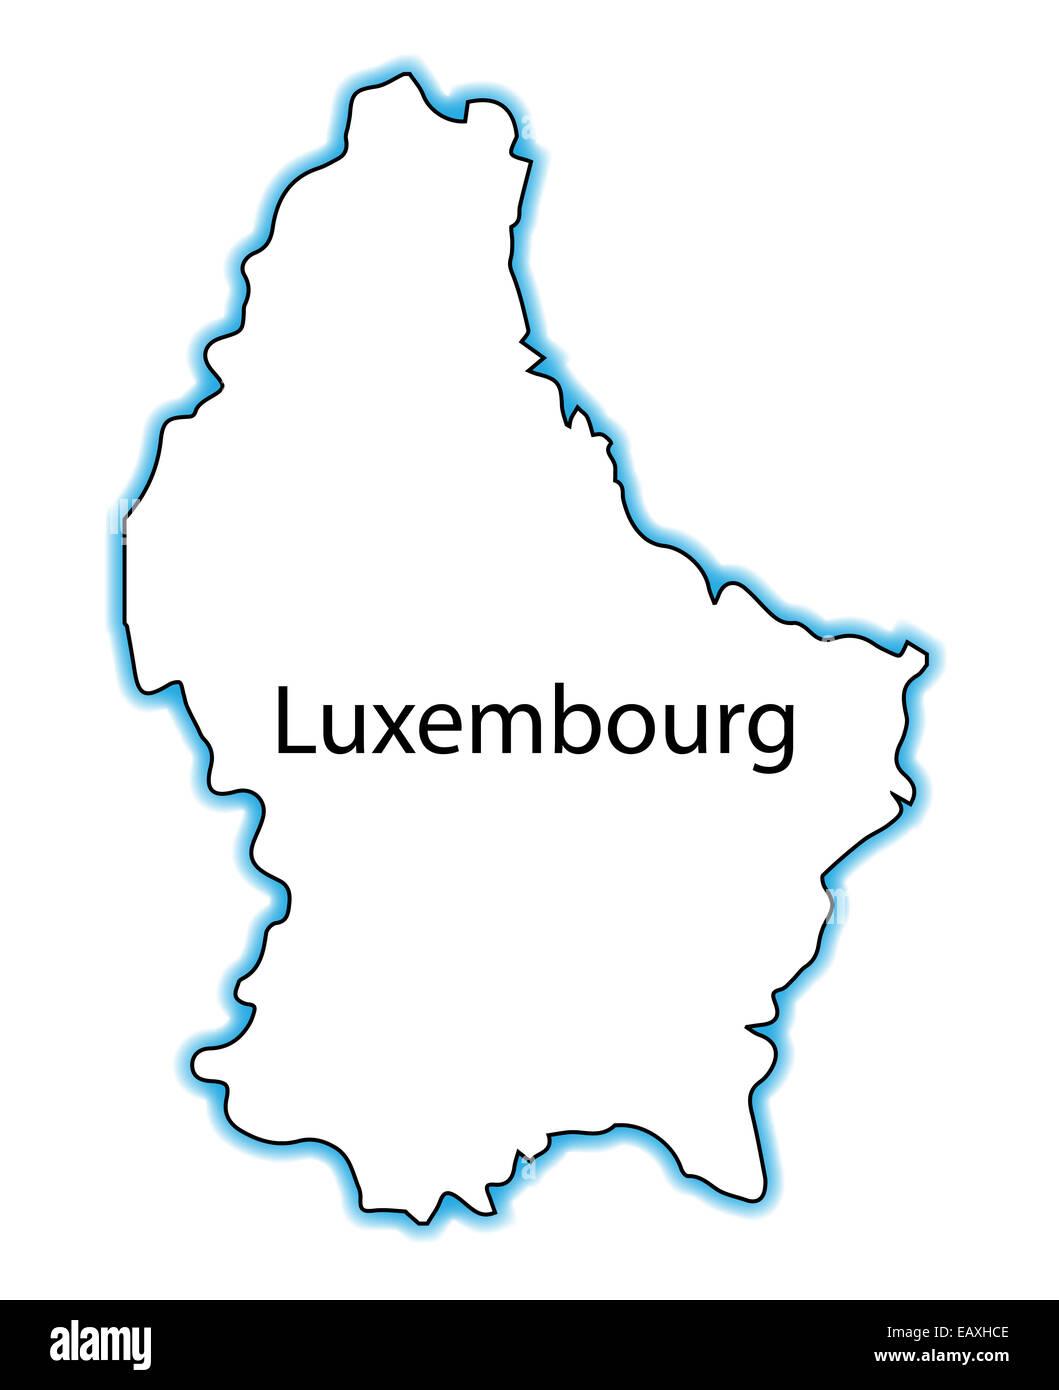 Esbozar El Mapa De Luxemburgo Sobre Un Fondo Blanco Foto Imagen